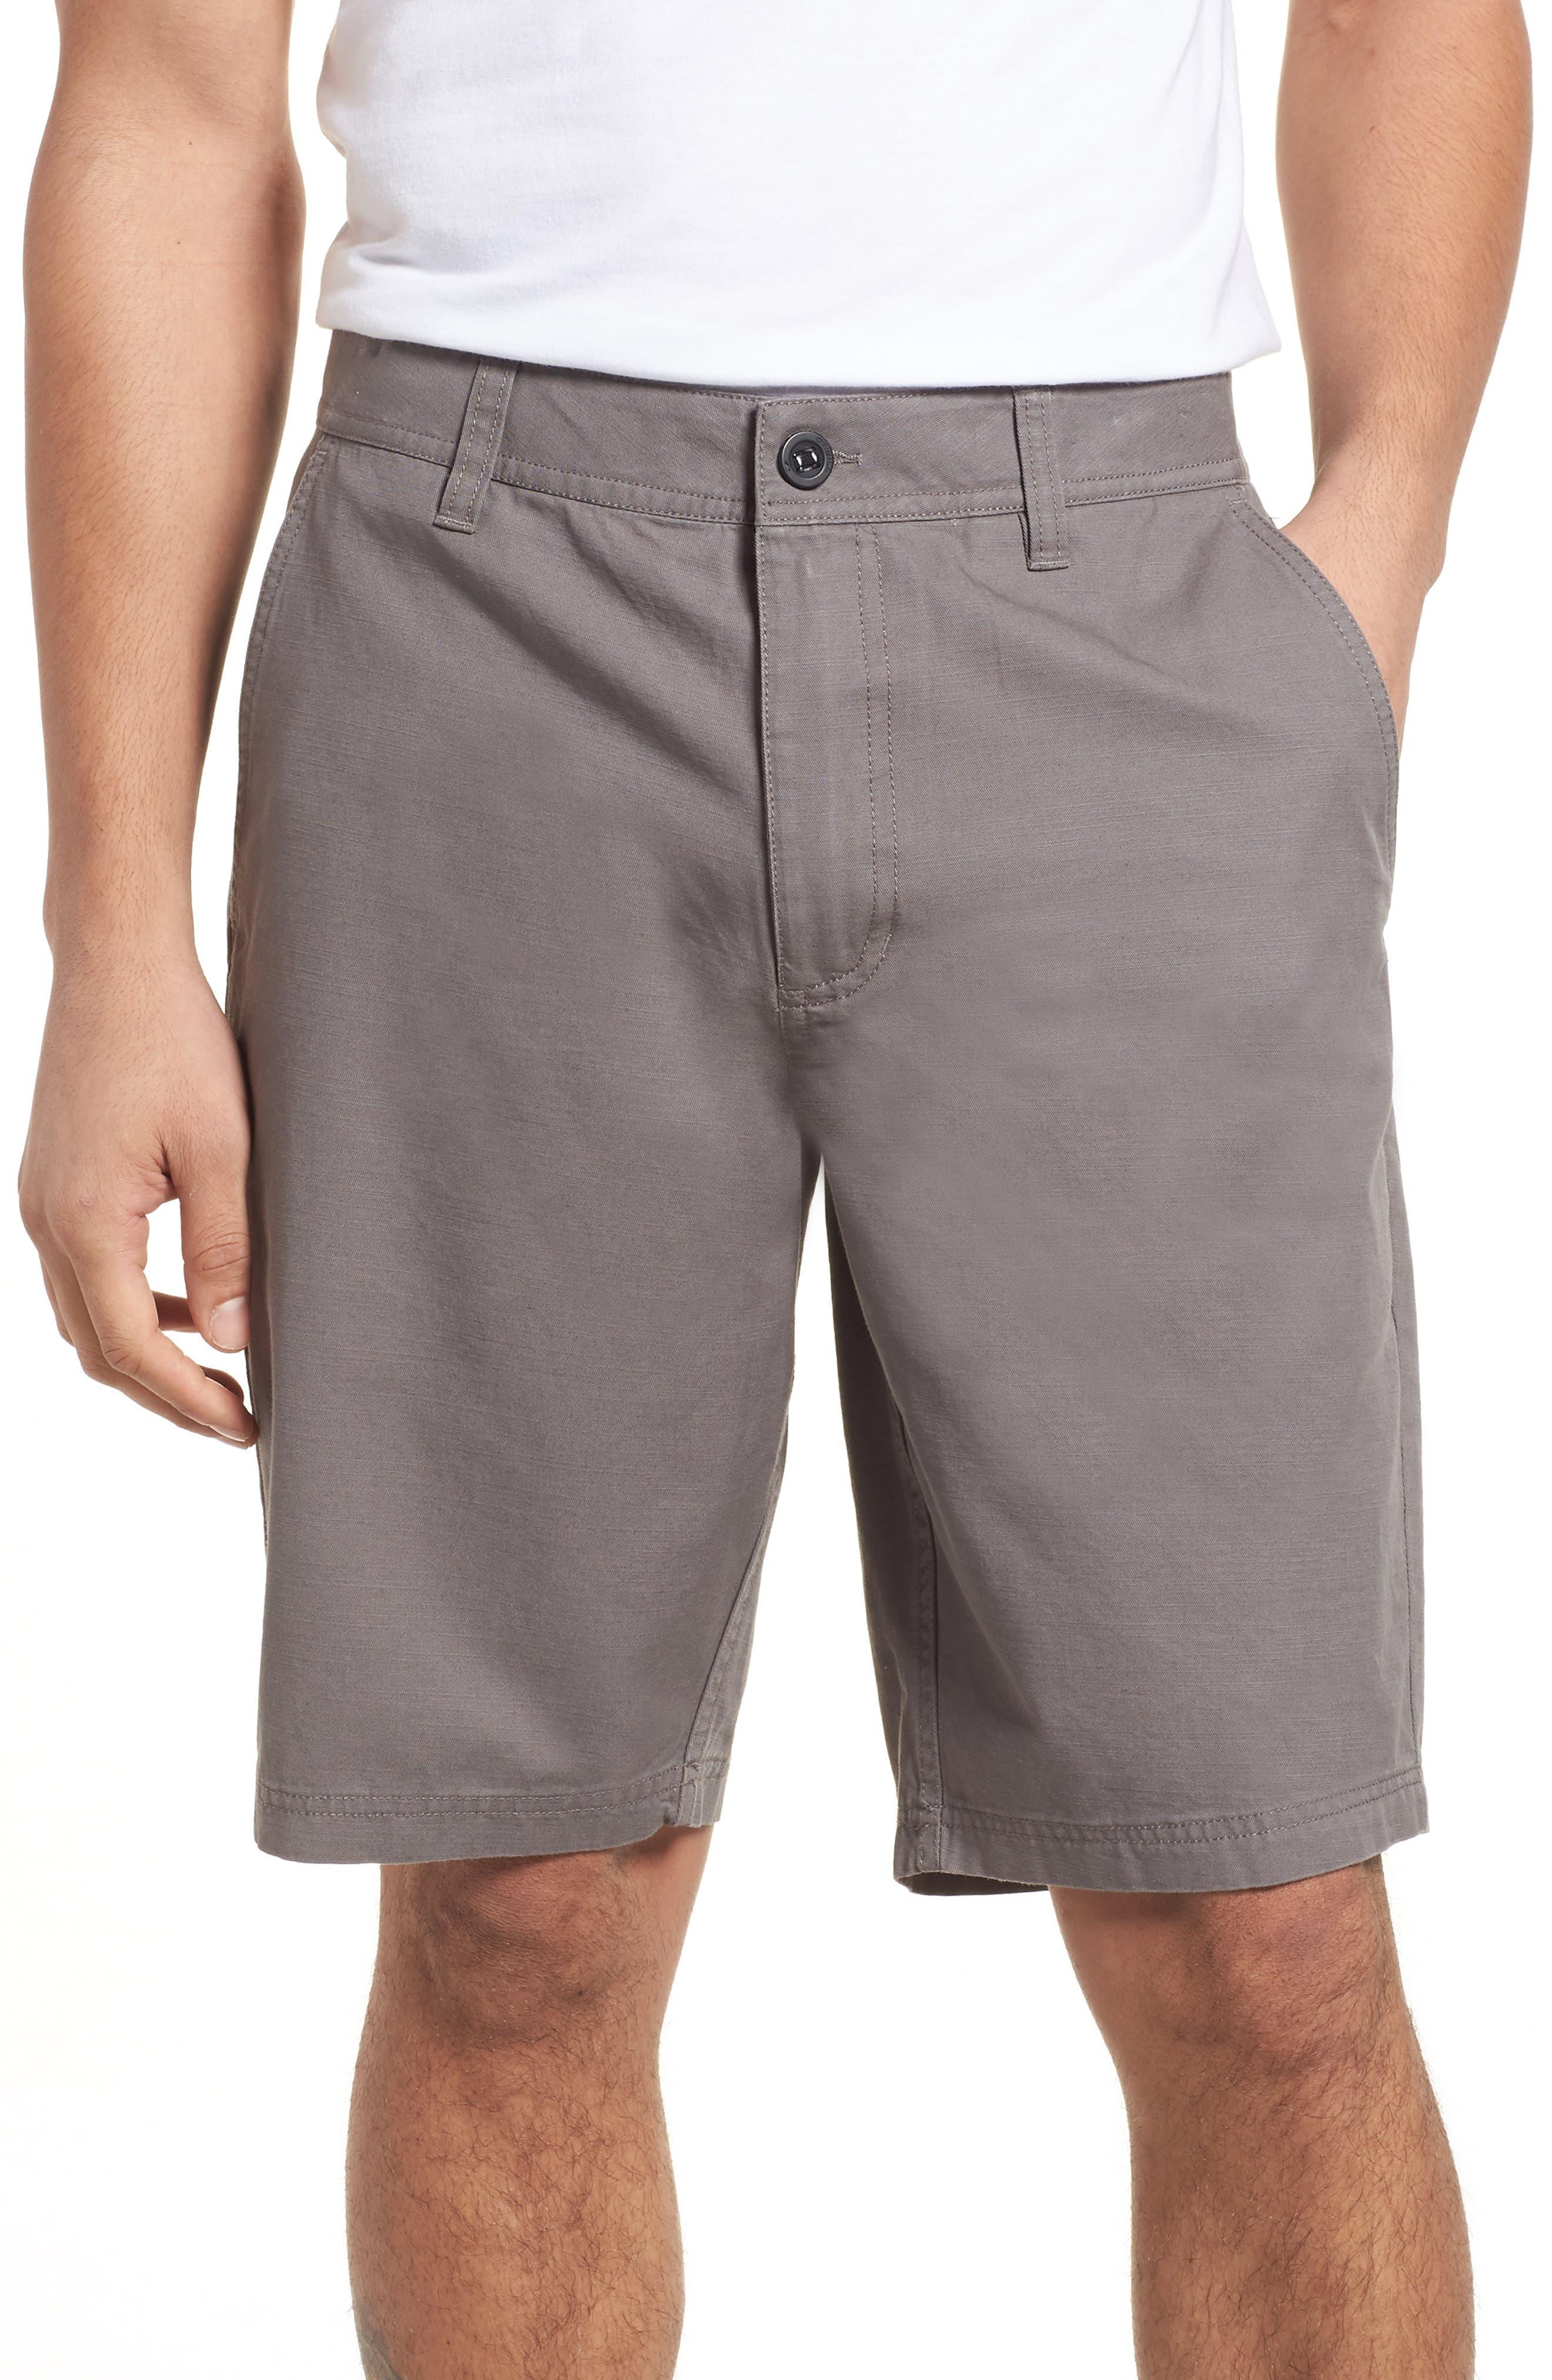 Jay Chino Shorts,                         Main,                         color, Grey